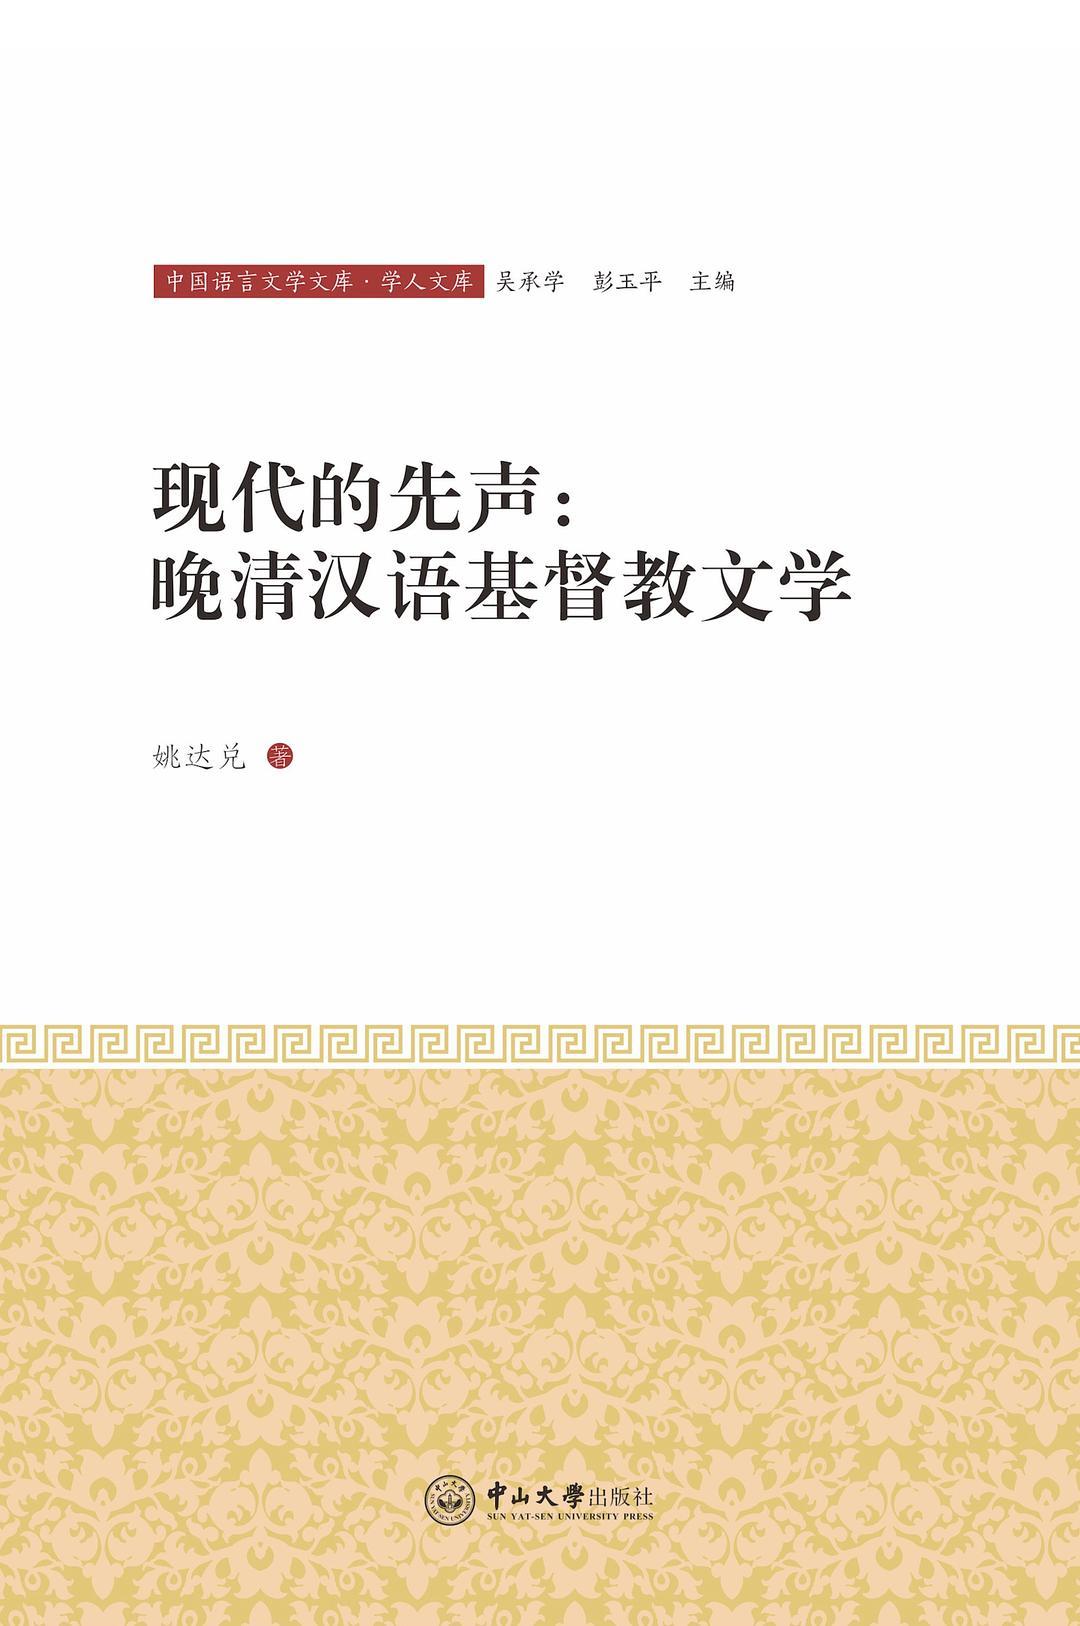 姚达兌:《现代的先声:晚清汉语基督教文学》(2018)